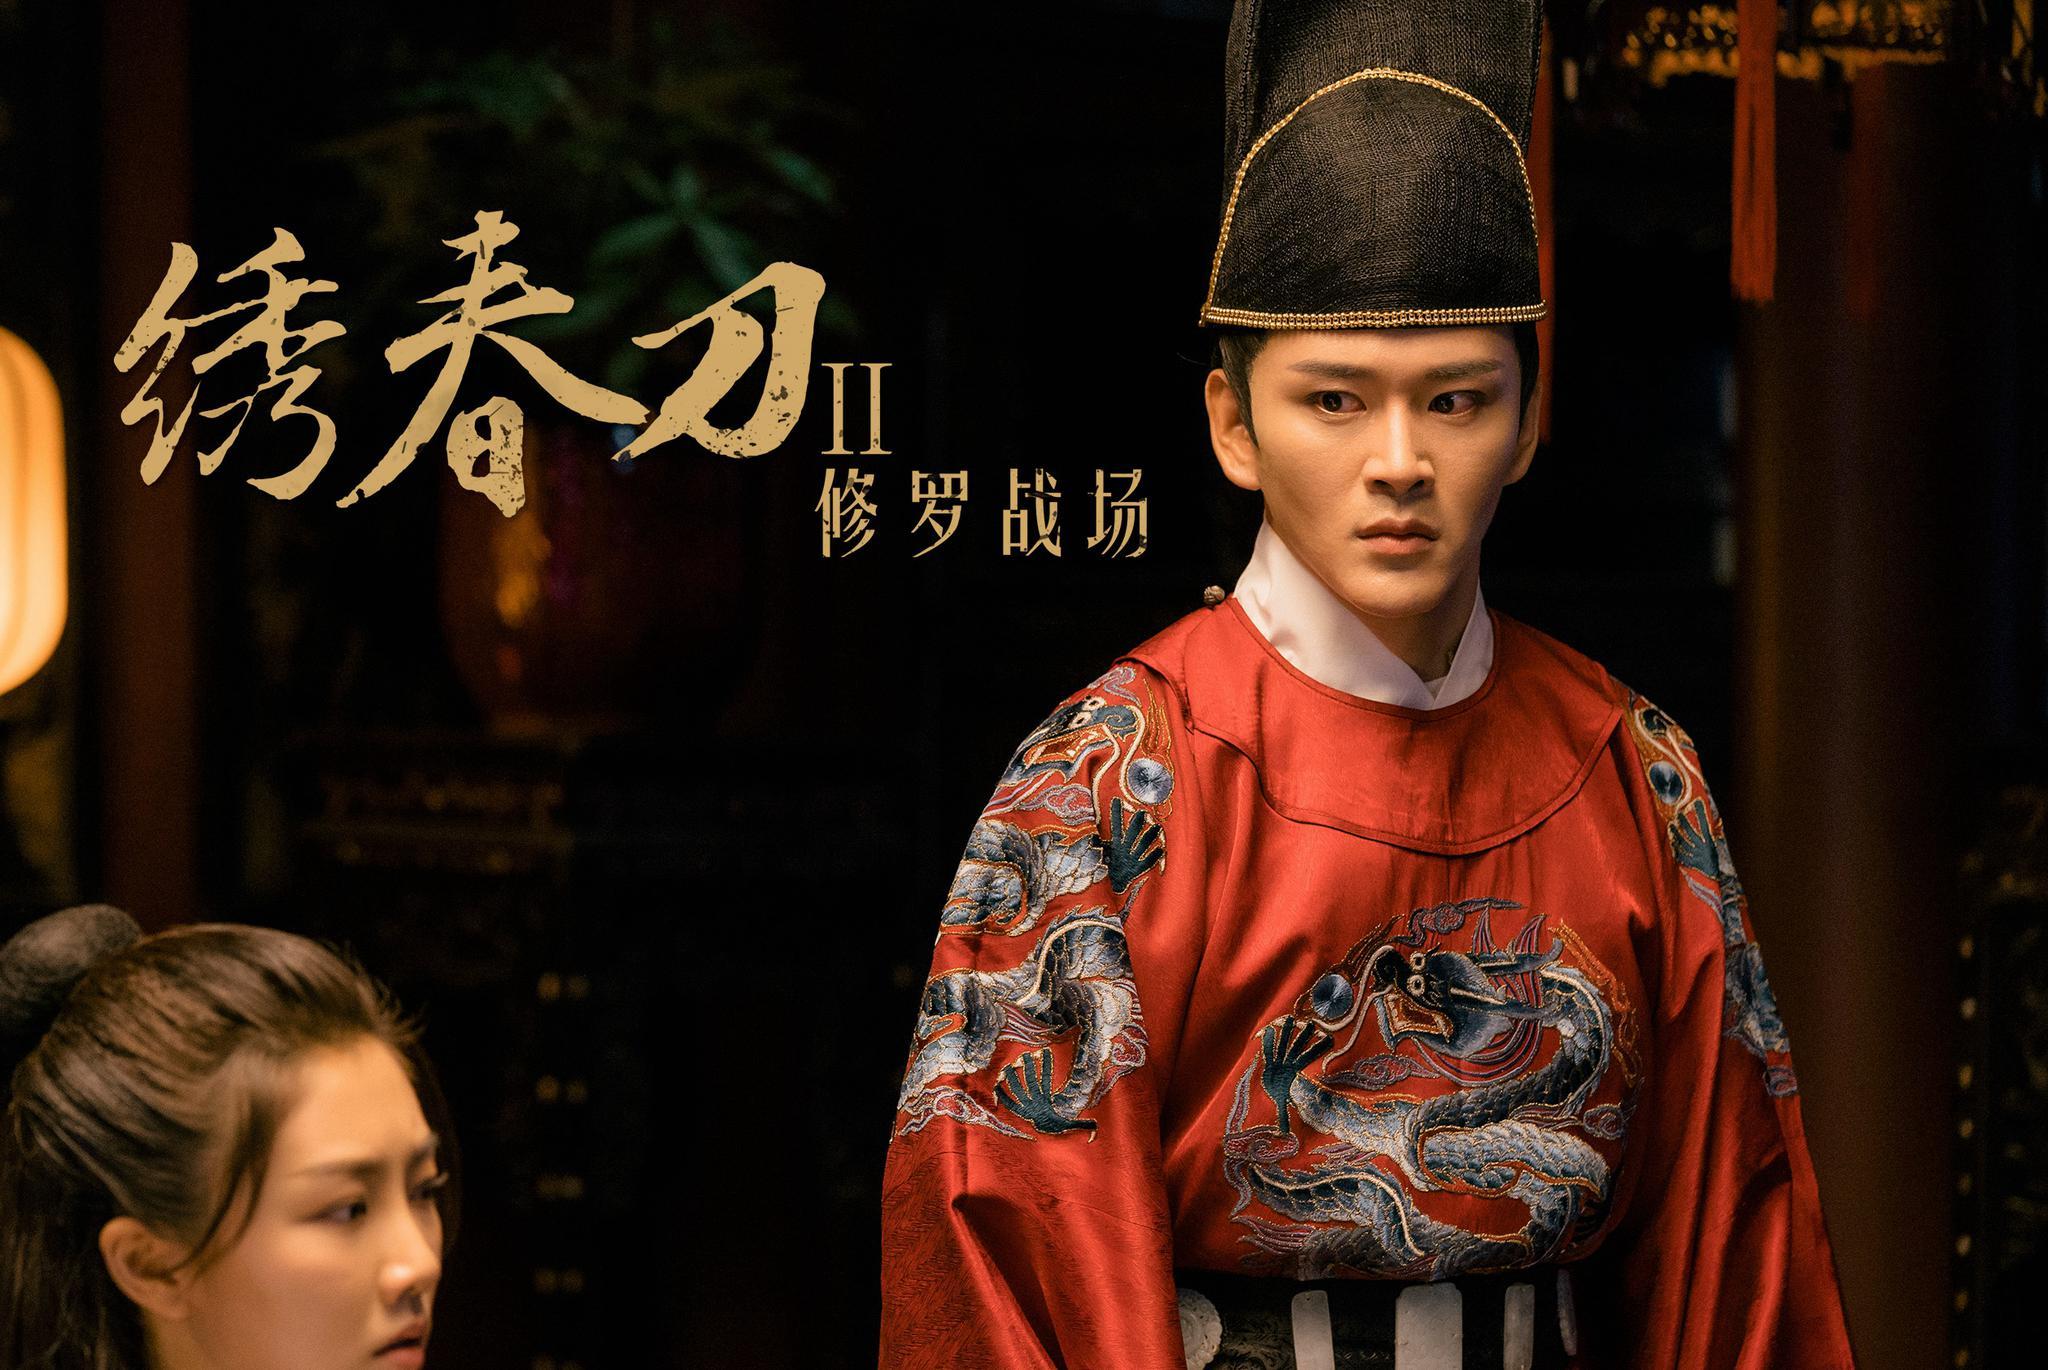 黄宥明演绎信王忍辱负重 《演员请就位》再现权势相争